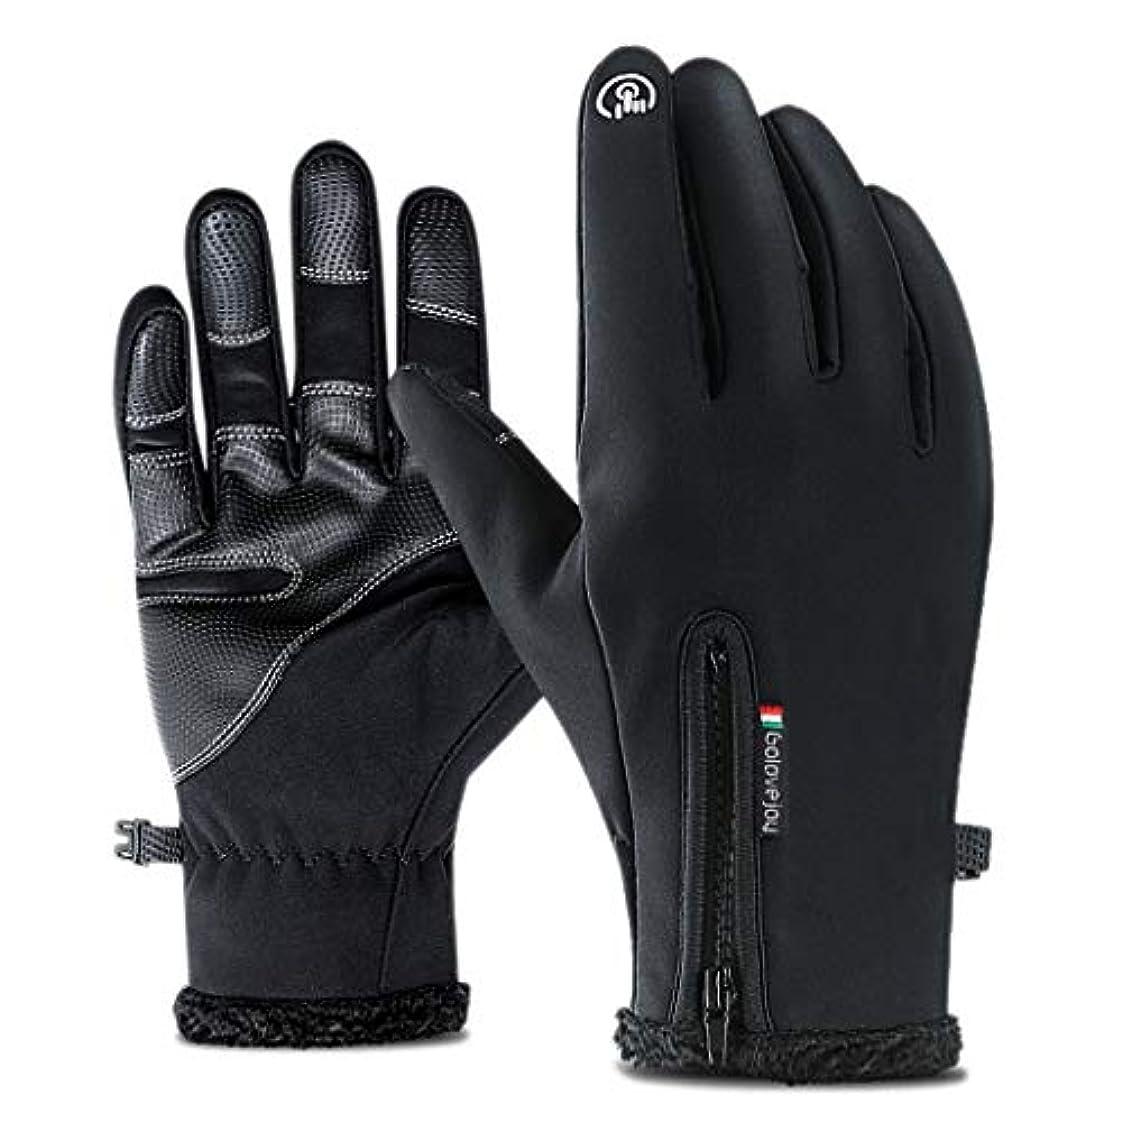 カウントかけがえのない発表するサイクリンググローブ防風ゲル充填タッチスクリーン対応フルフィンガーグローブアウトドアスポーツ用品暖かい手袋